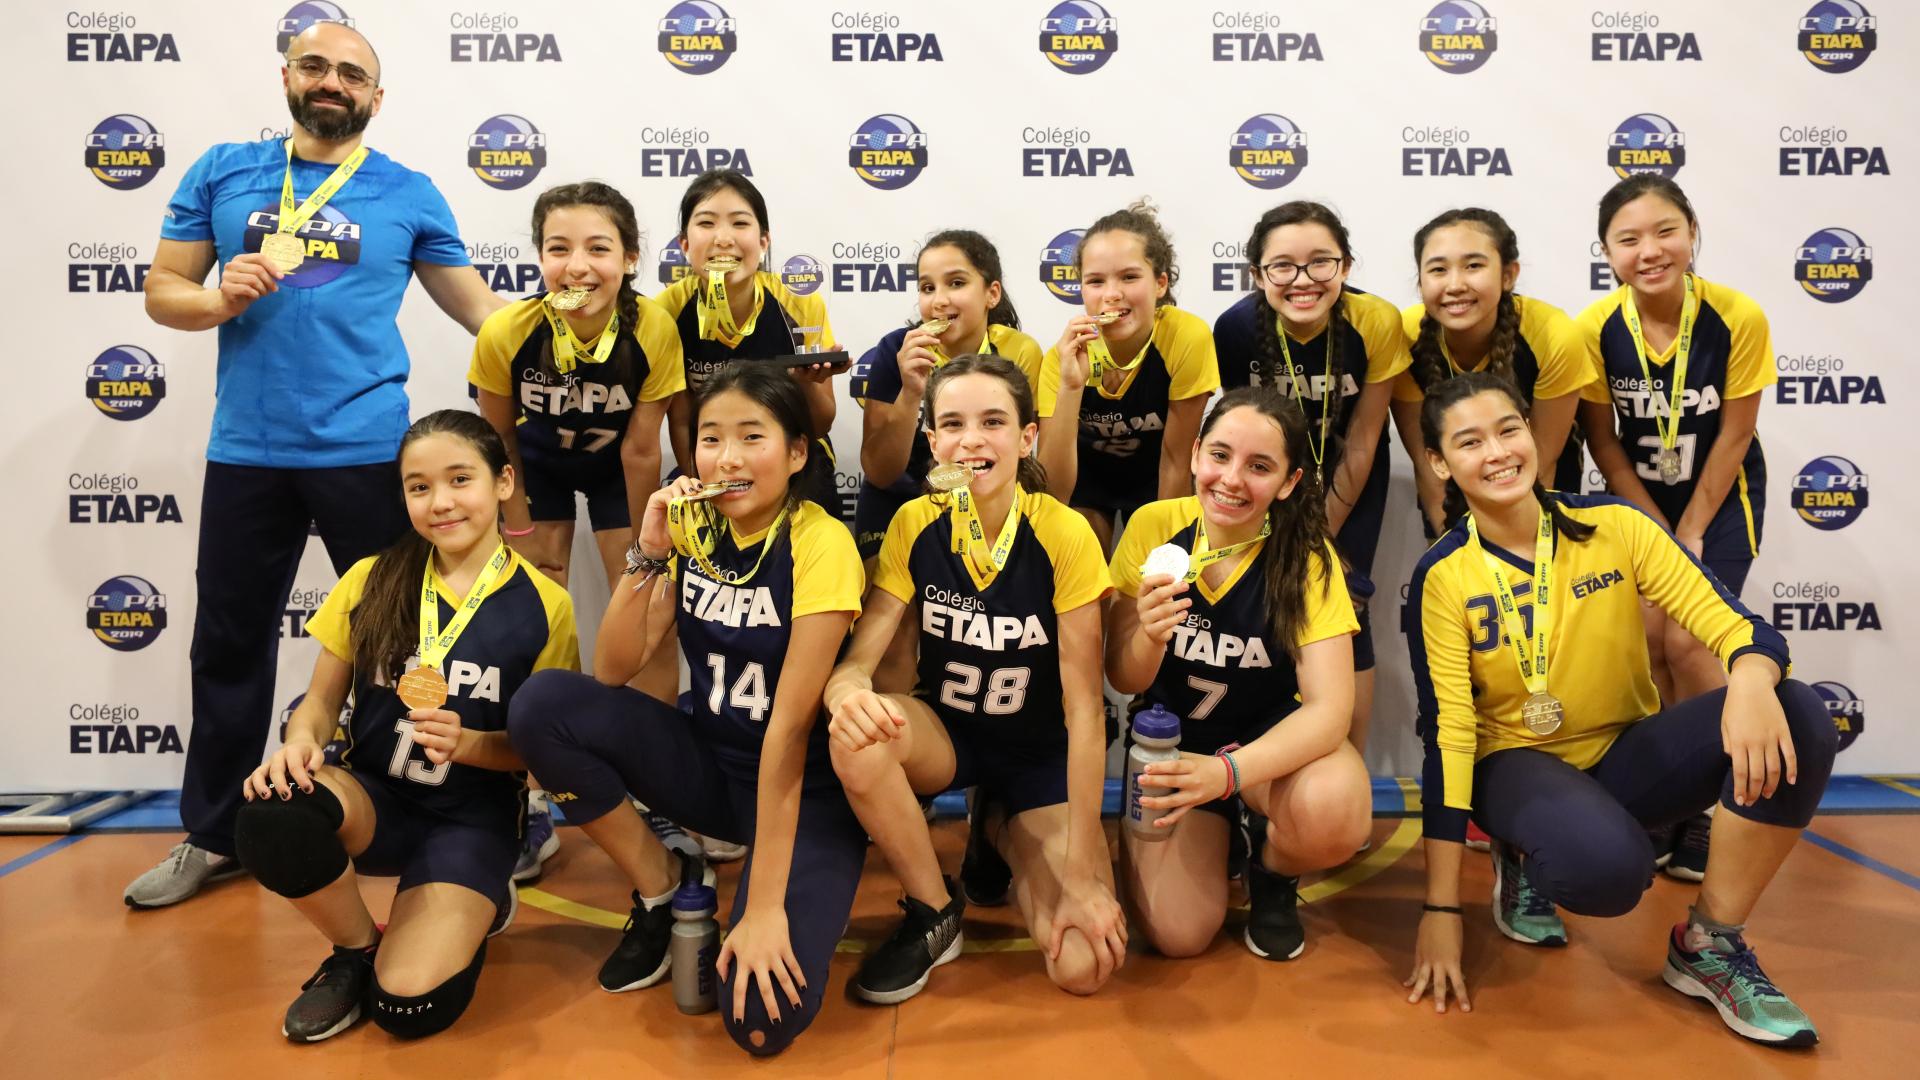 III Copa Etapa São Paulo reúne escolas da Grande São Paulo